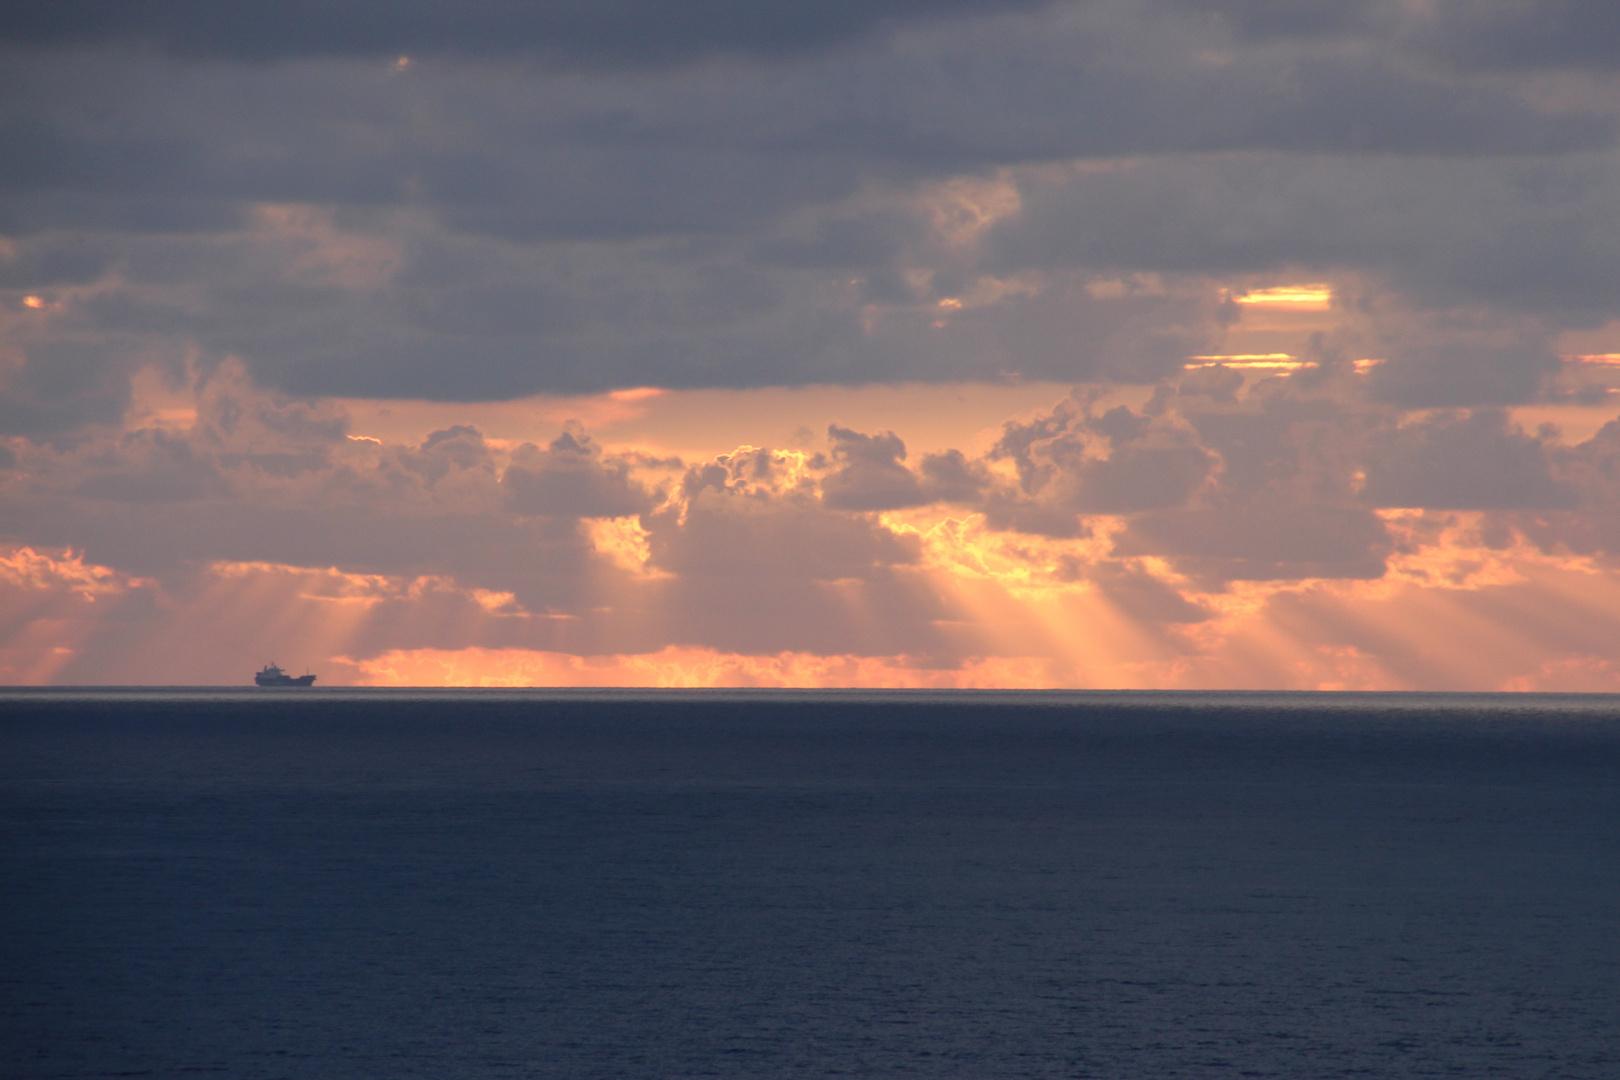 Morgenstimmung auf dem Meer 2